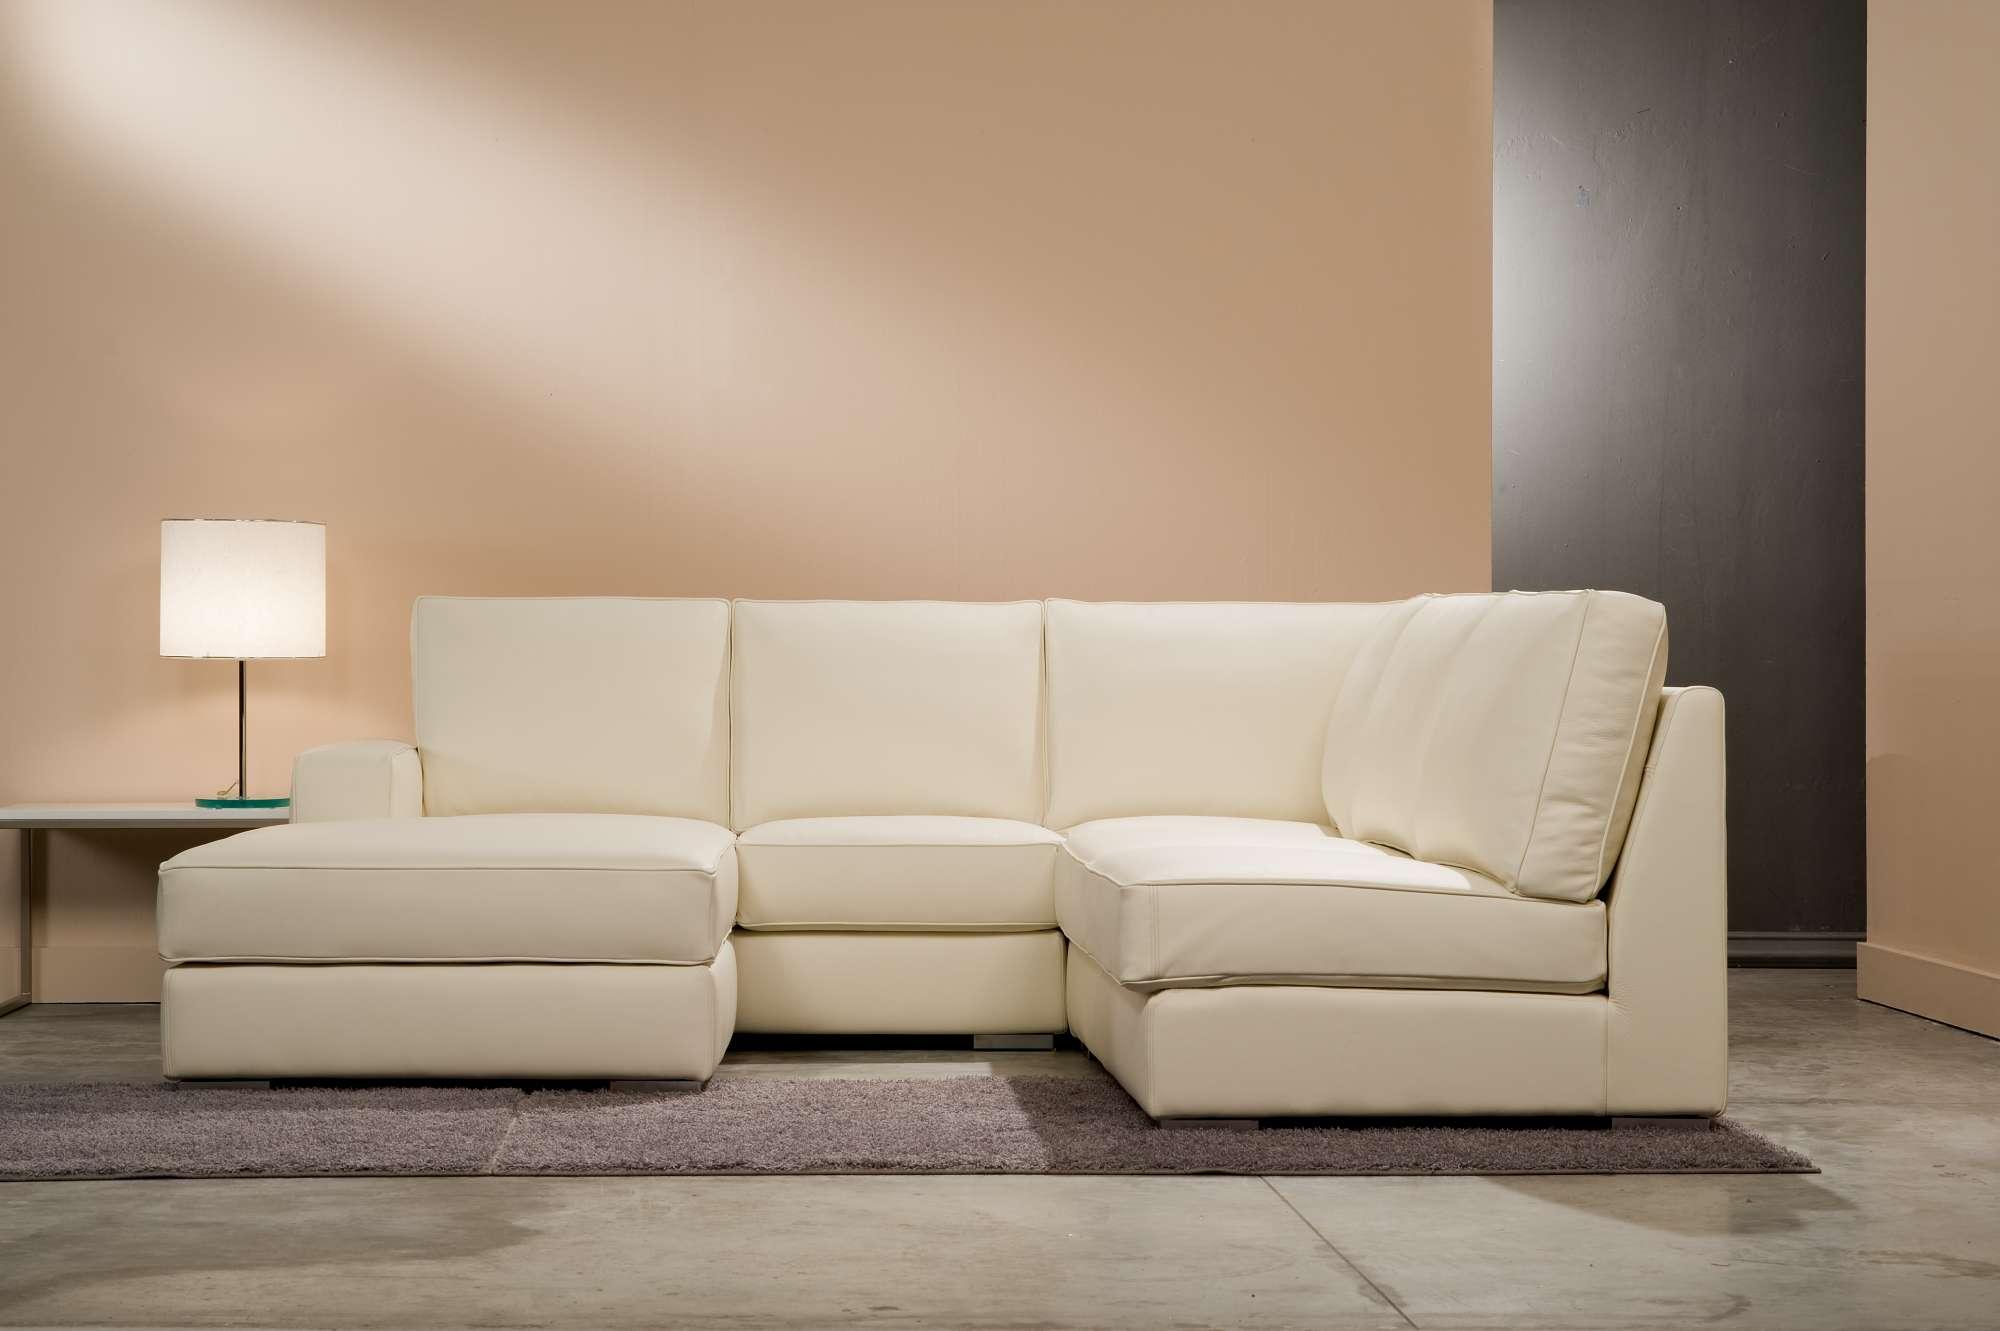 Village divani letto componibili collezione intramontabili - Divani stretti e lunghi ...